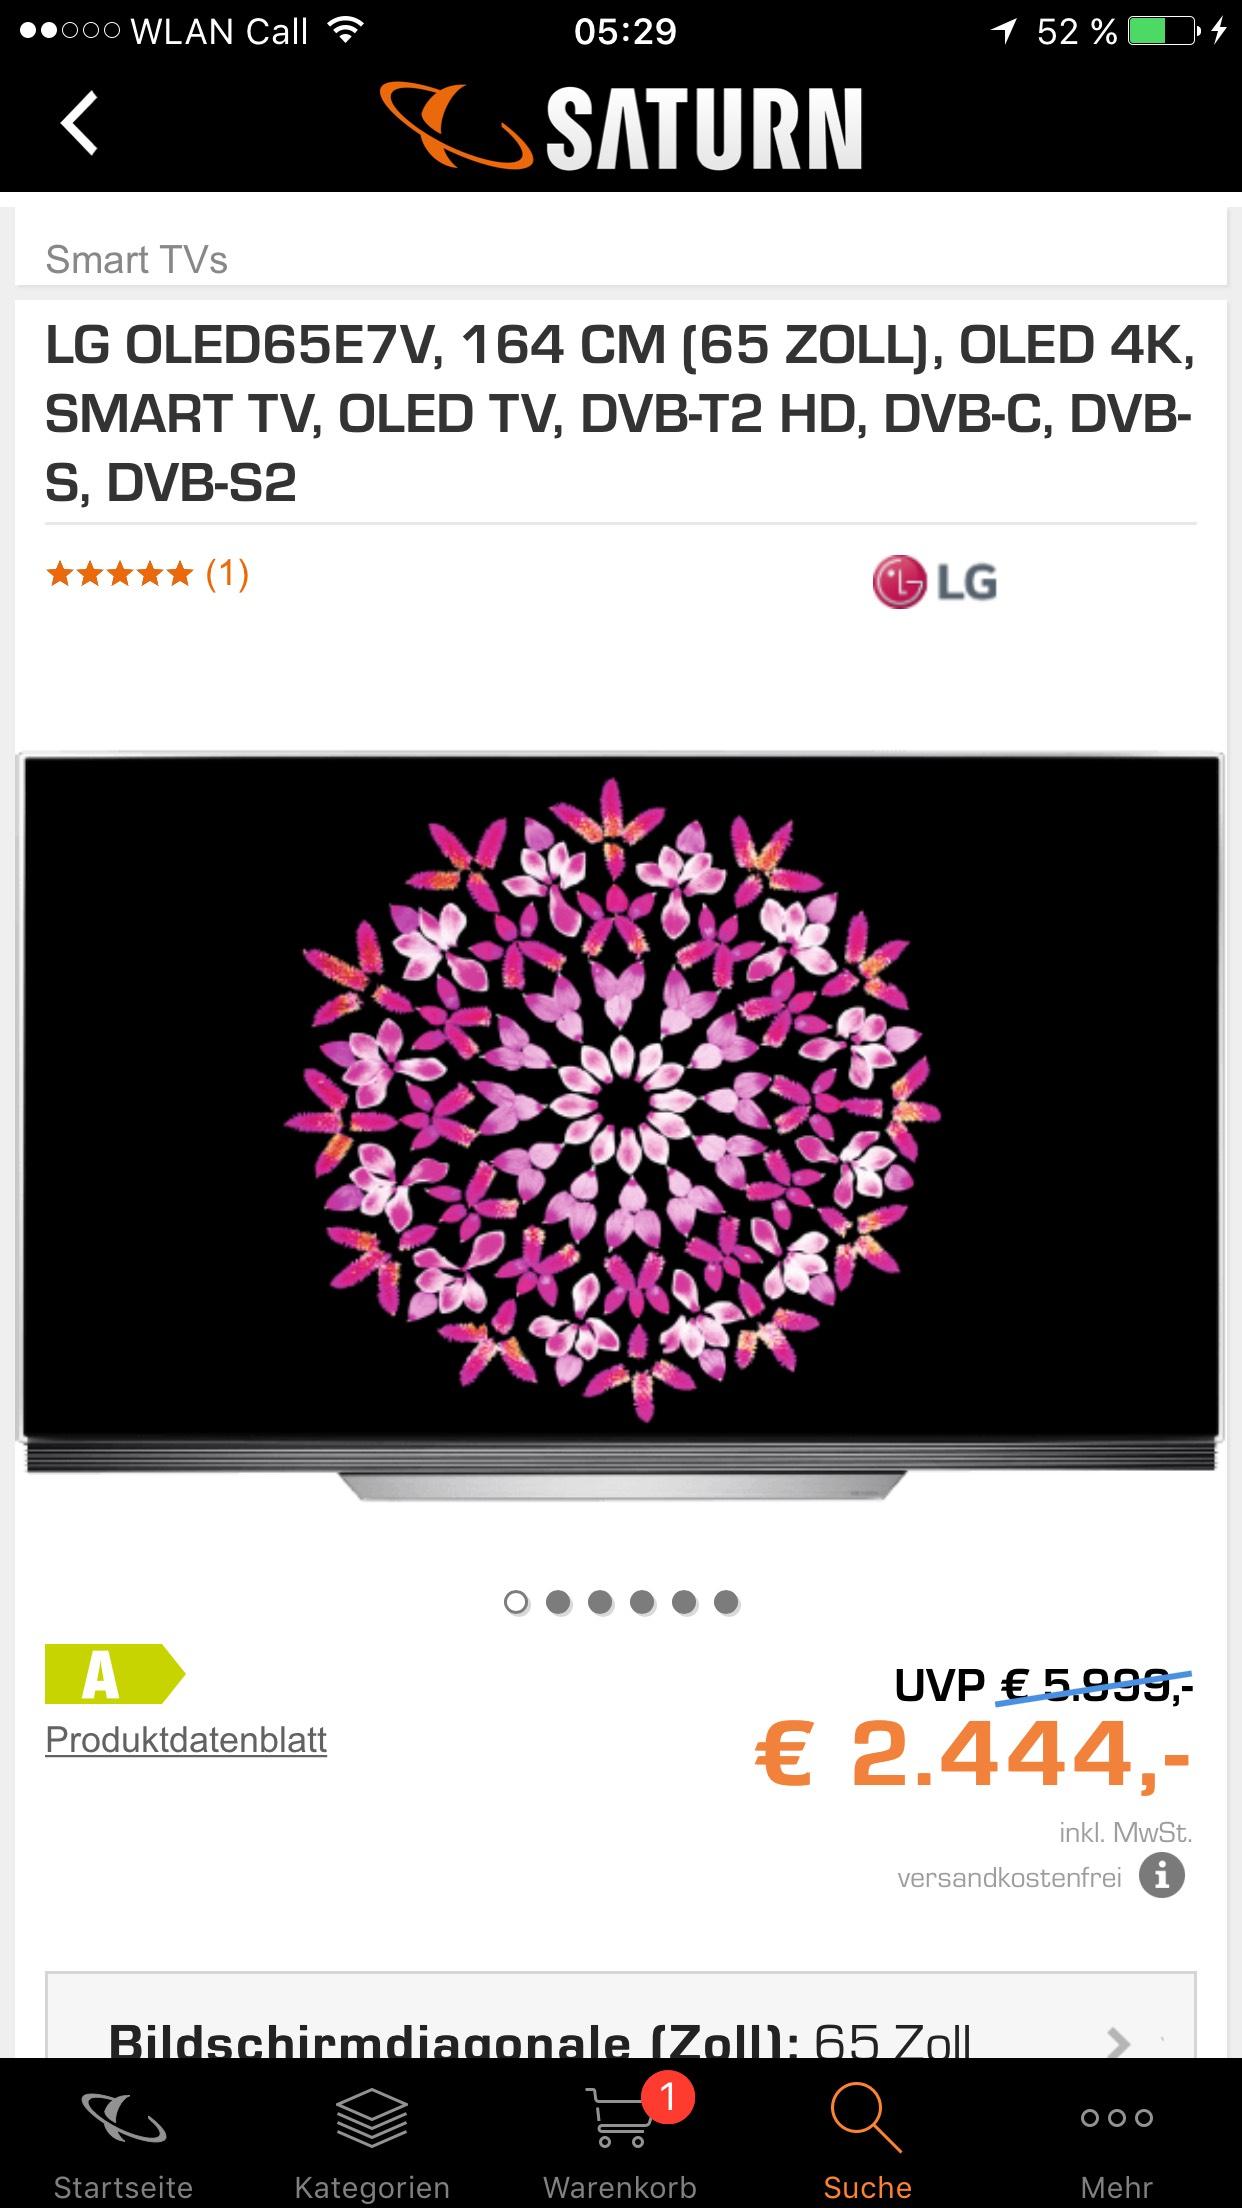 LG OLED65E7V, 164 CM (65 ZOLL), OLED 4K, SMART TV, OLED TV